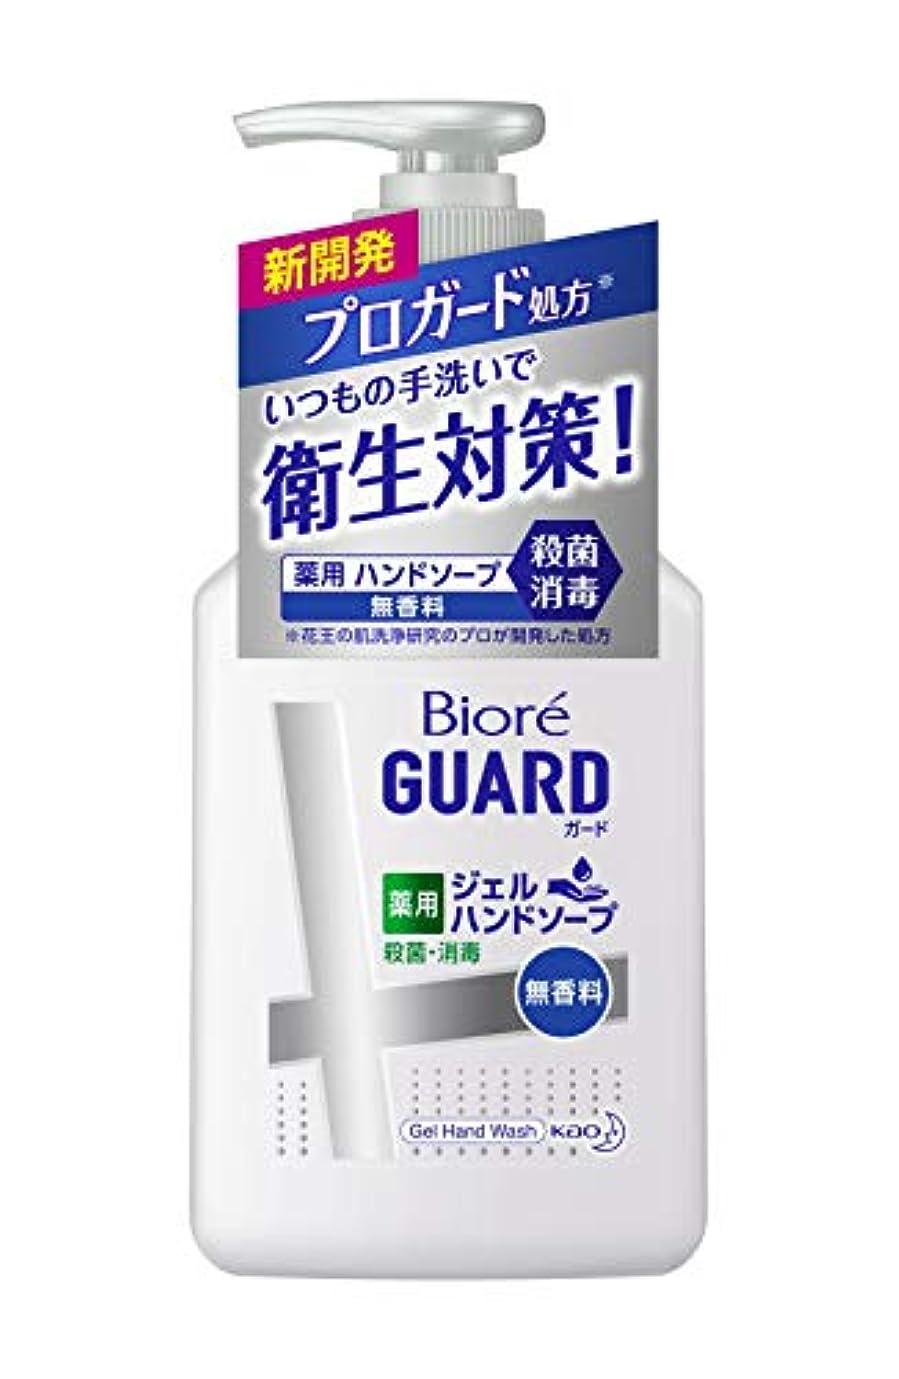 濃度ゼロオーラルビオレ GUARD ハンドジェルソープ ポンプ 無香料 250ml